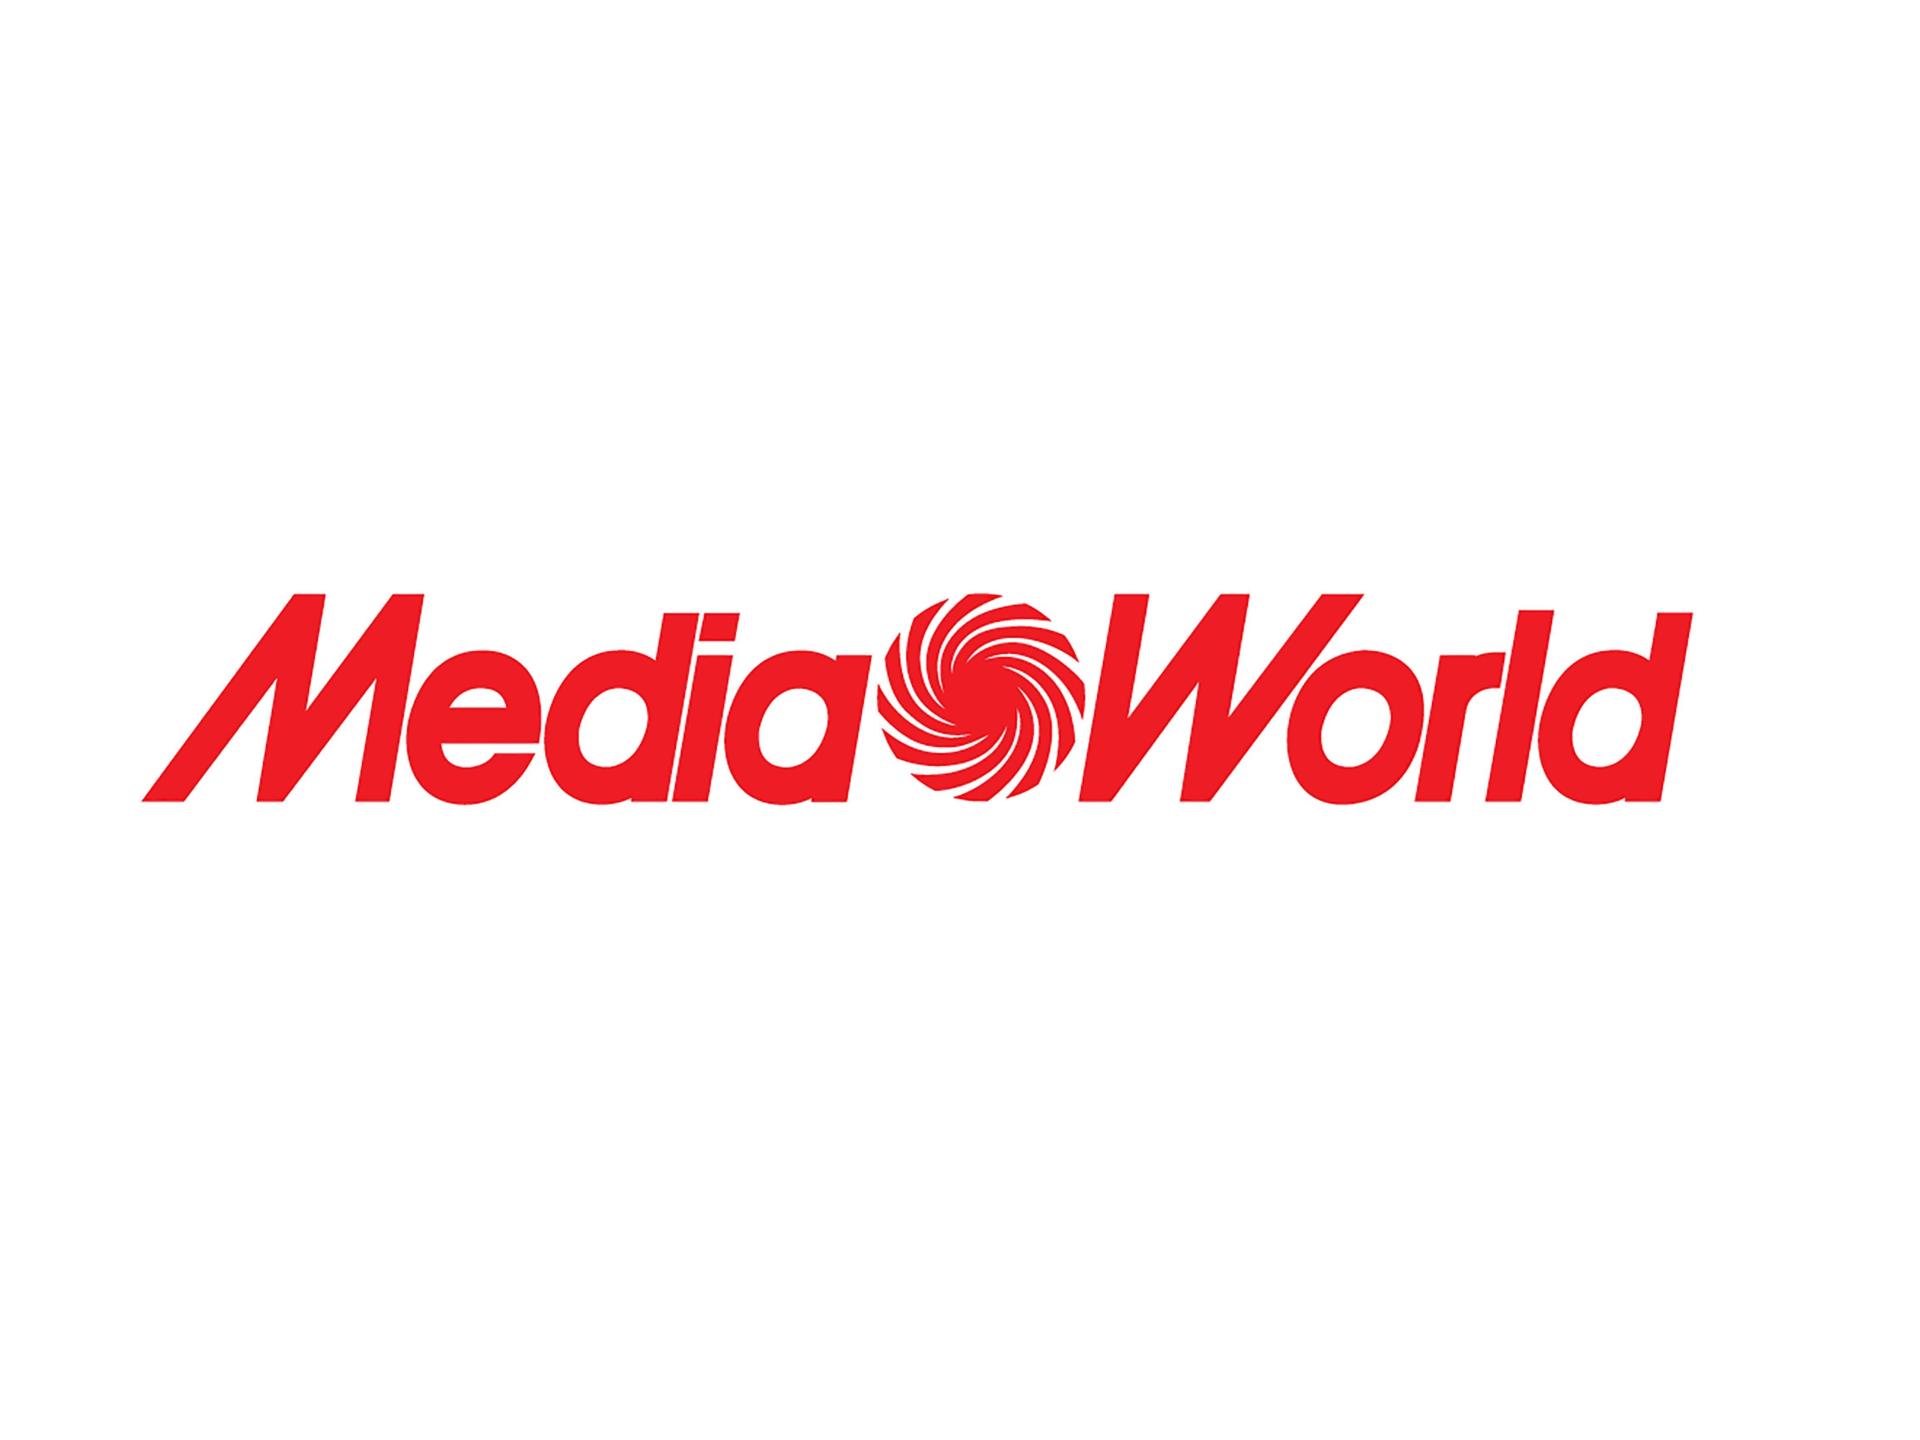 Le offerte per il weekend di MediaWorld: ecco la nostra sele